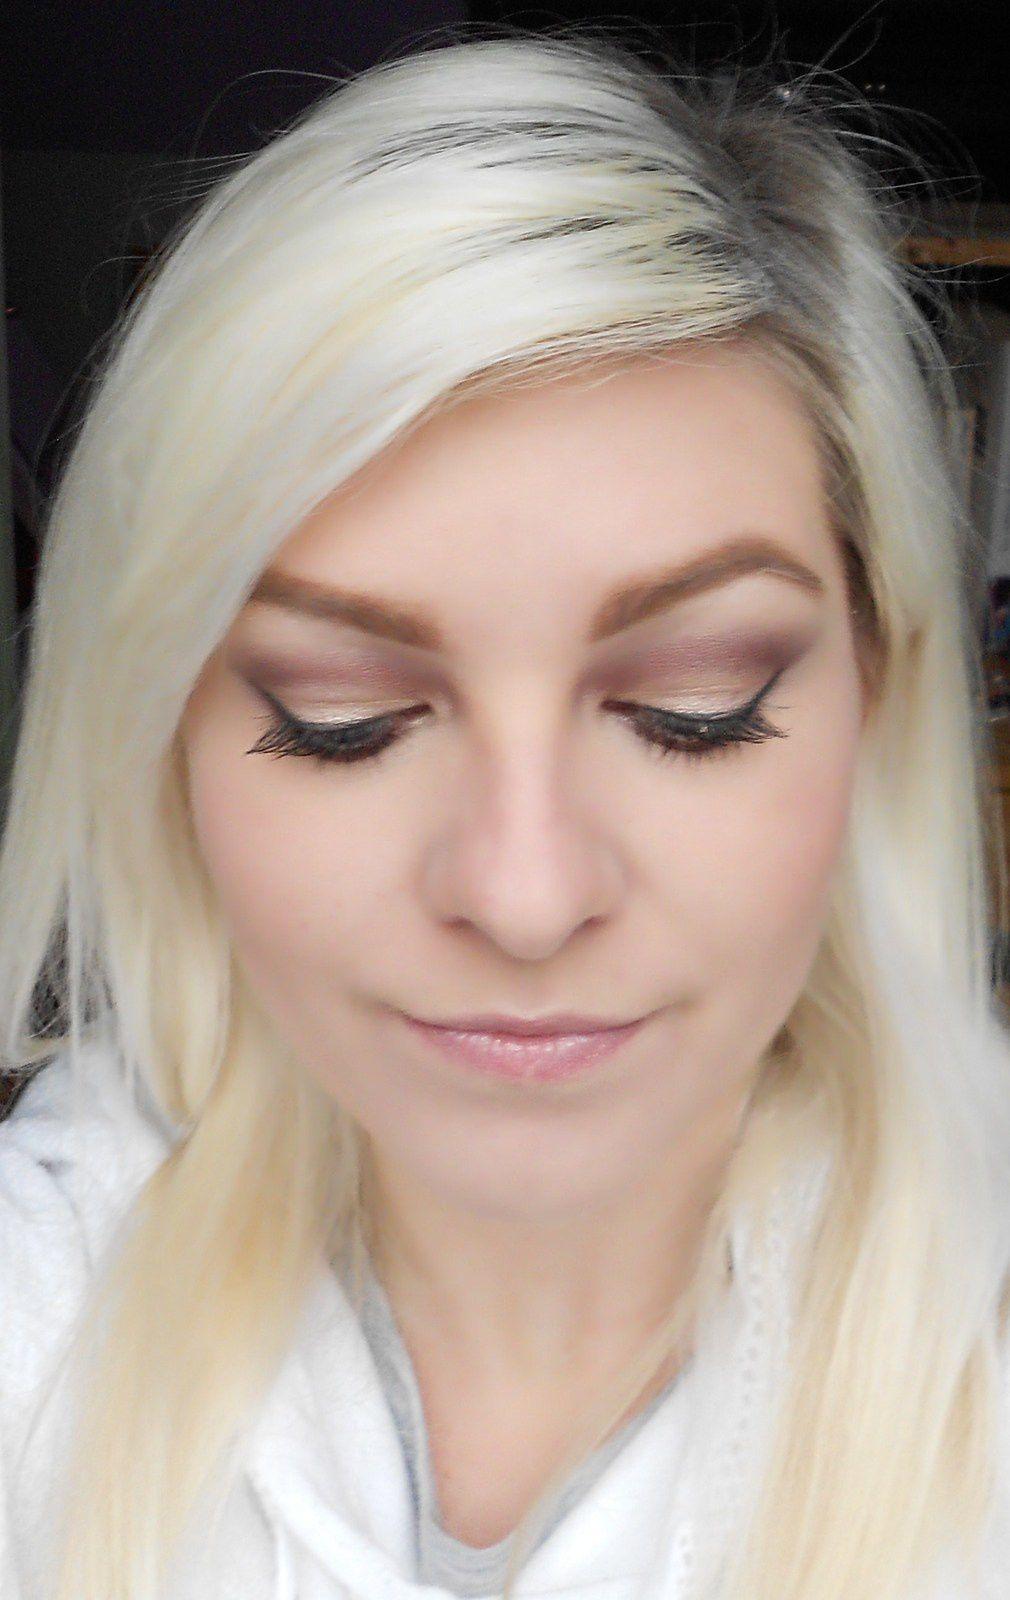 Tuto : Maquillage pour les fêtes #2